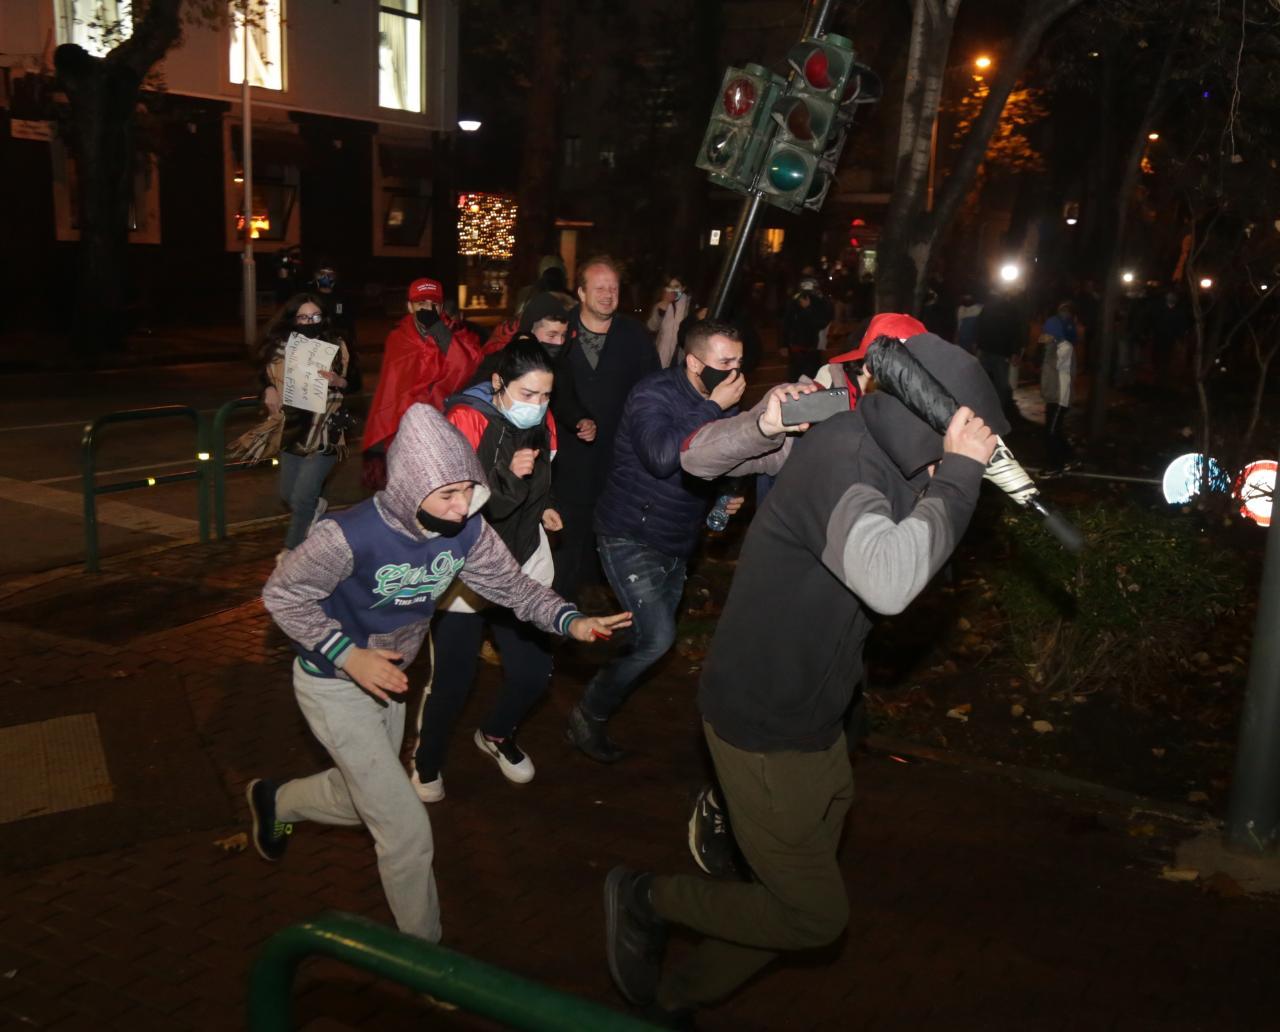 Protesta-Dhuna-Klodian-Rasha-gaz-lotsjelles-tym-policia-sulmi-shkaterrimi (17)